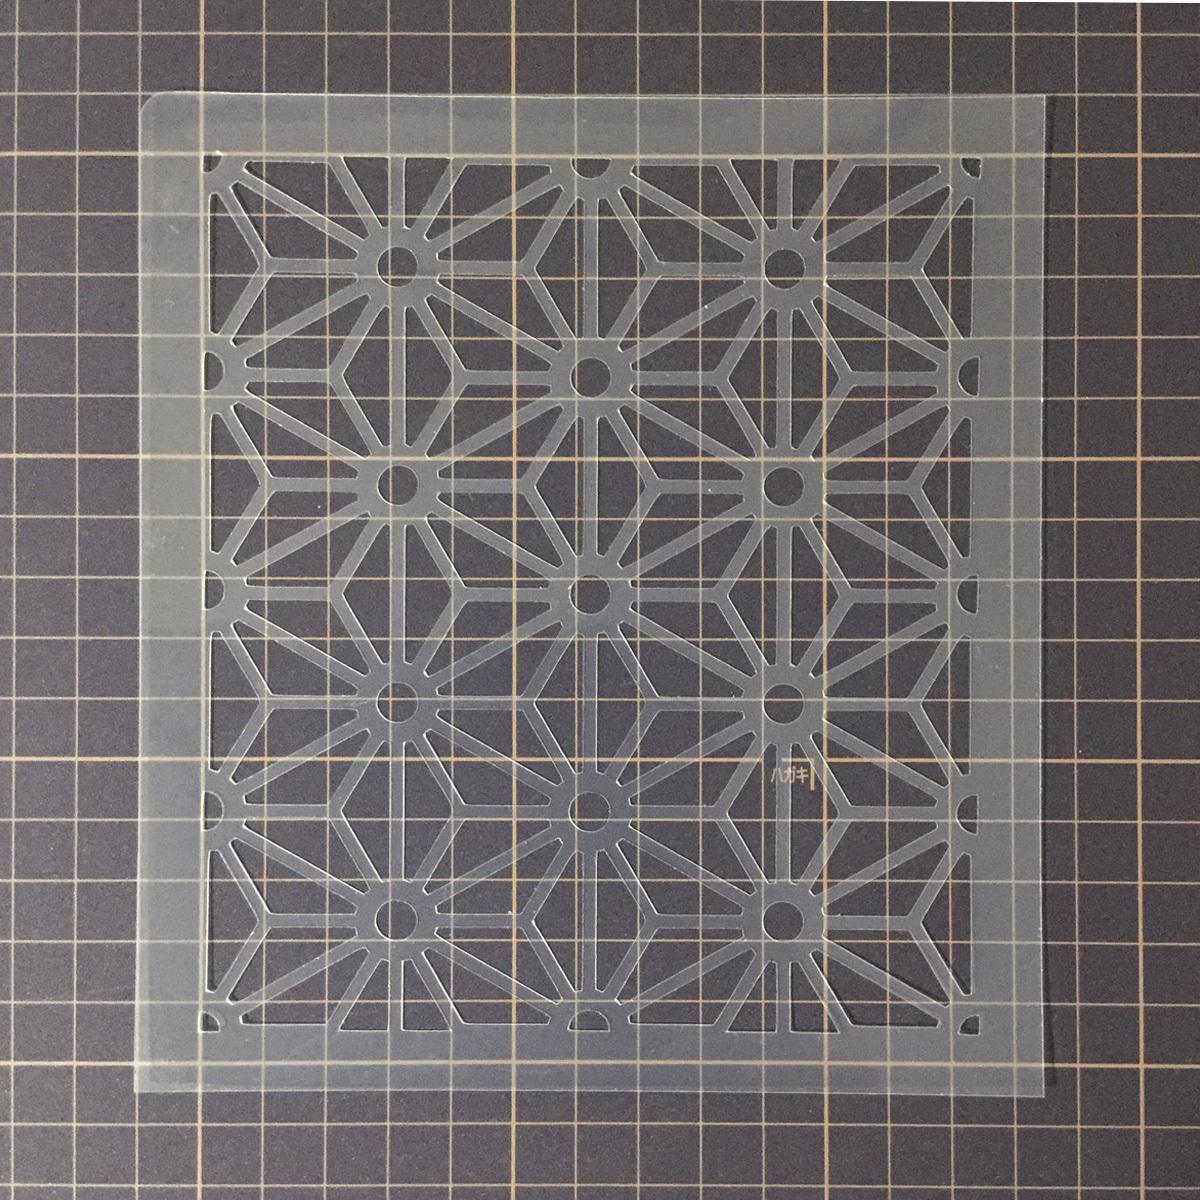 麻の葉模様A 和風地紋9番  ステンシルシート 型紙図案 NO239_画像6